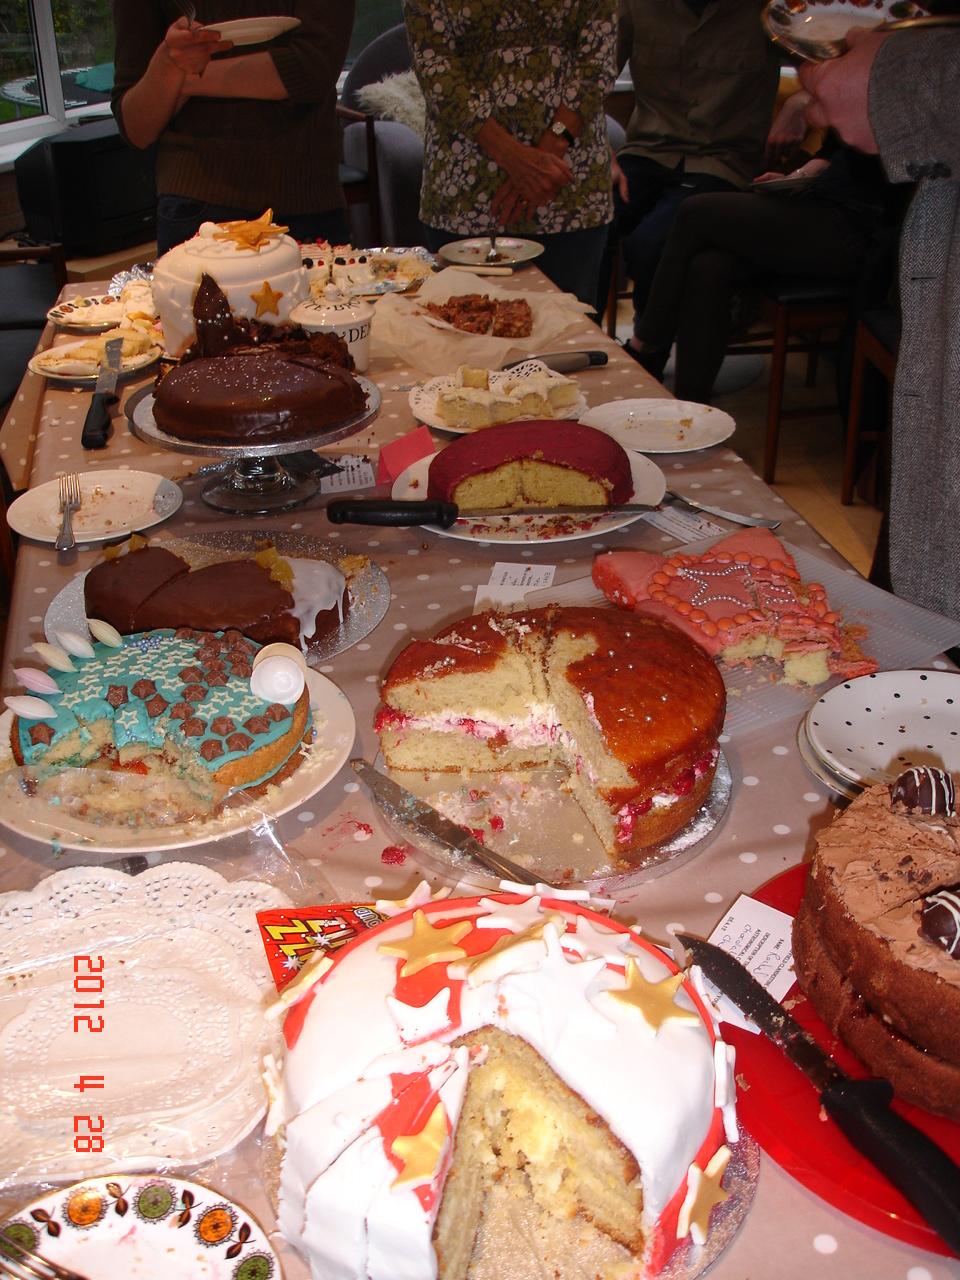 SHEFFIELD CLANDESTINE CAKE CLUB